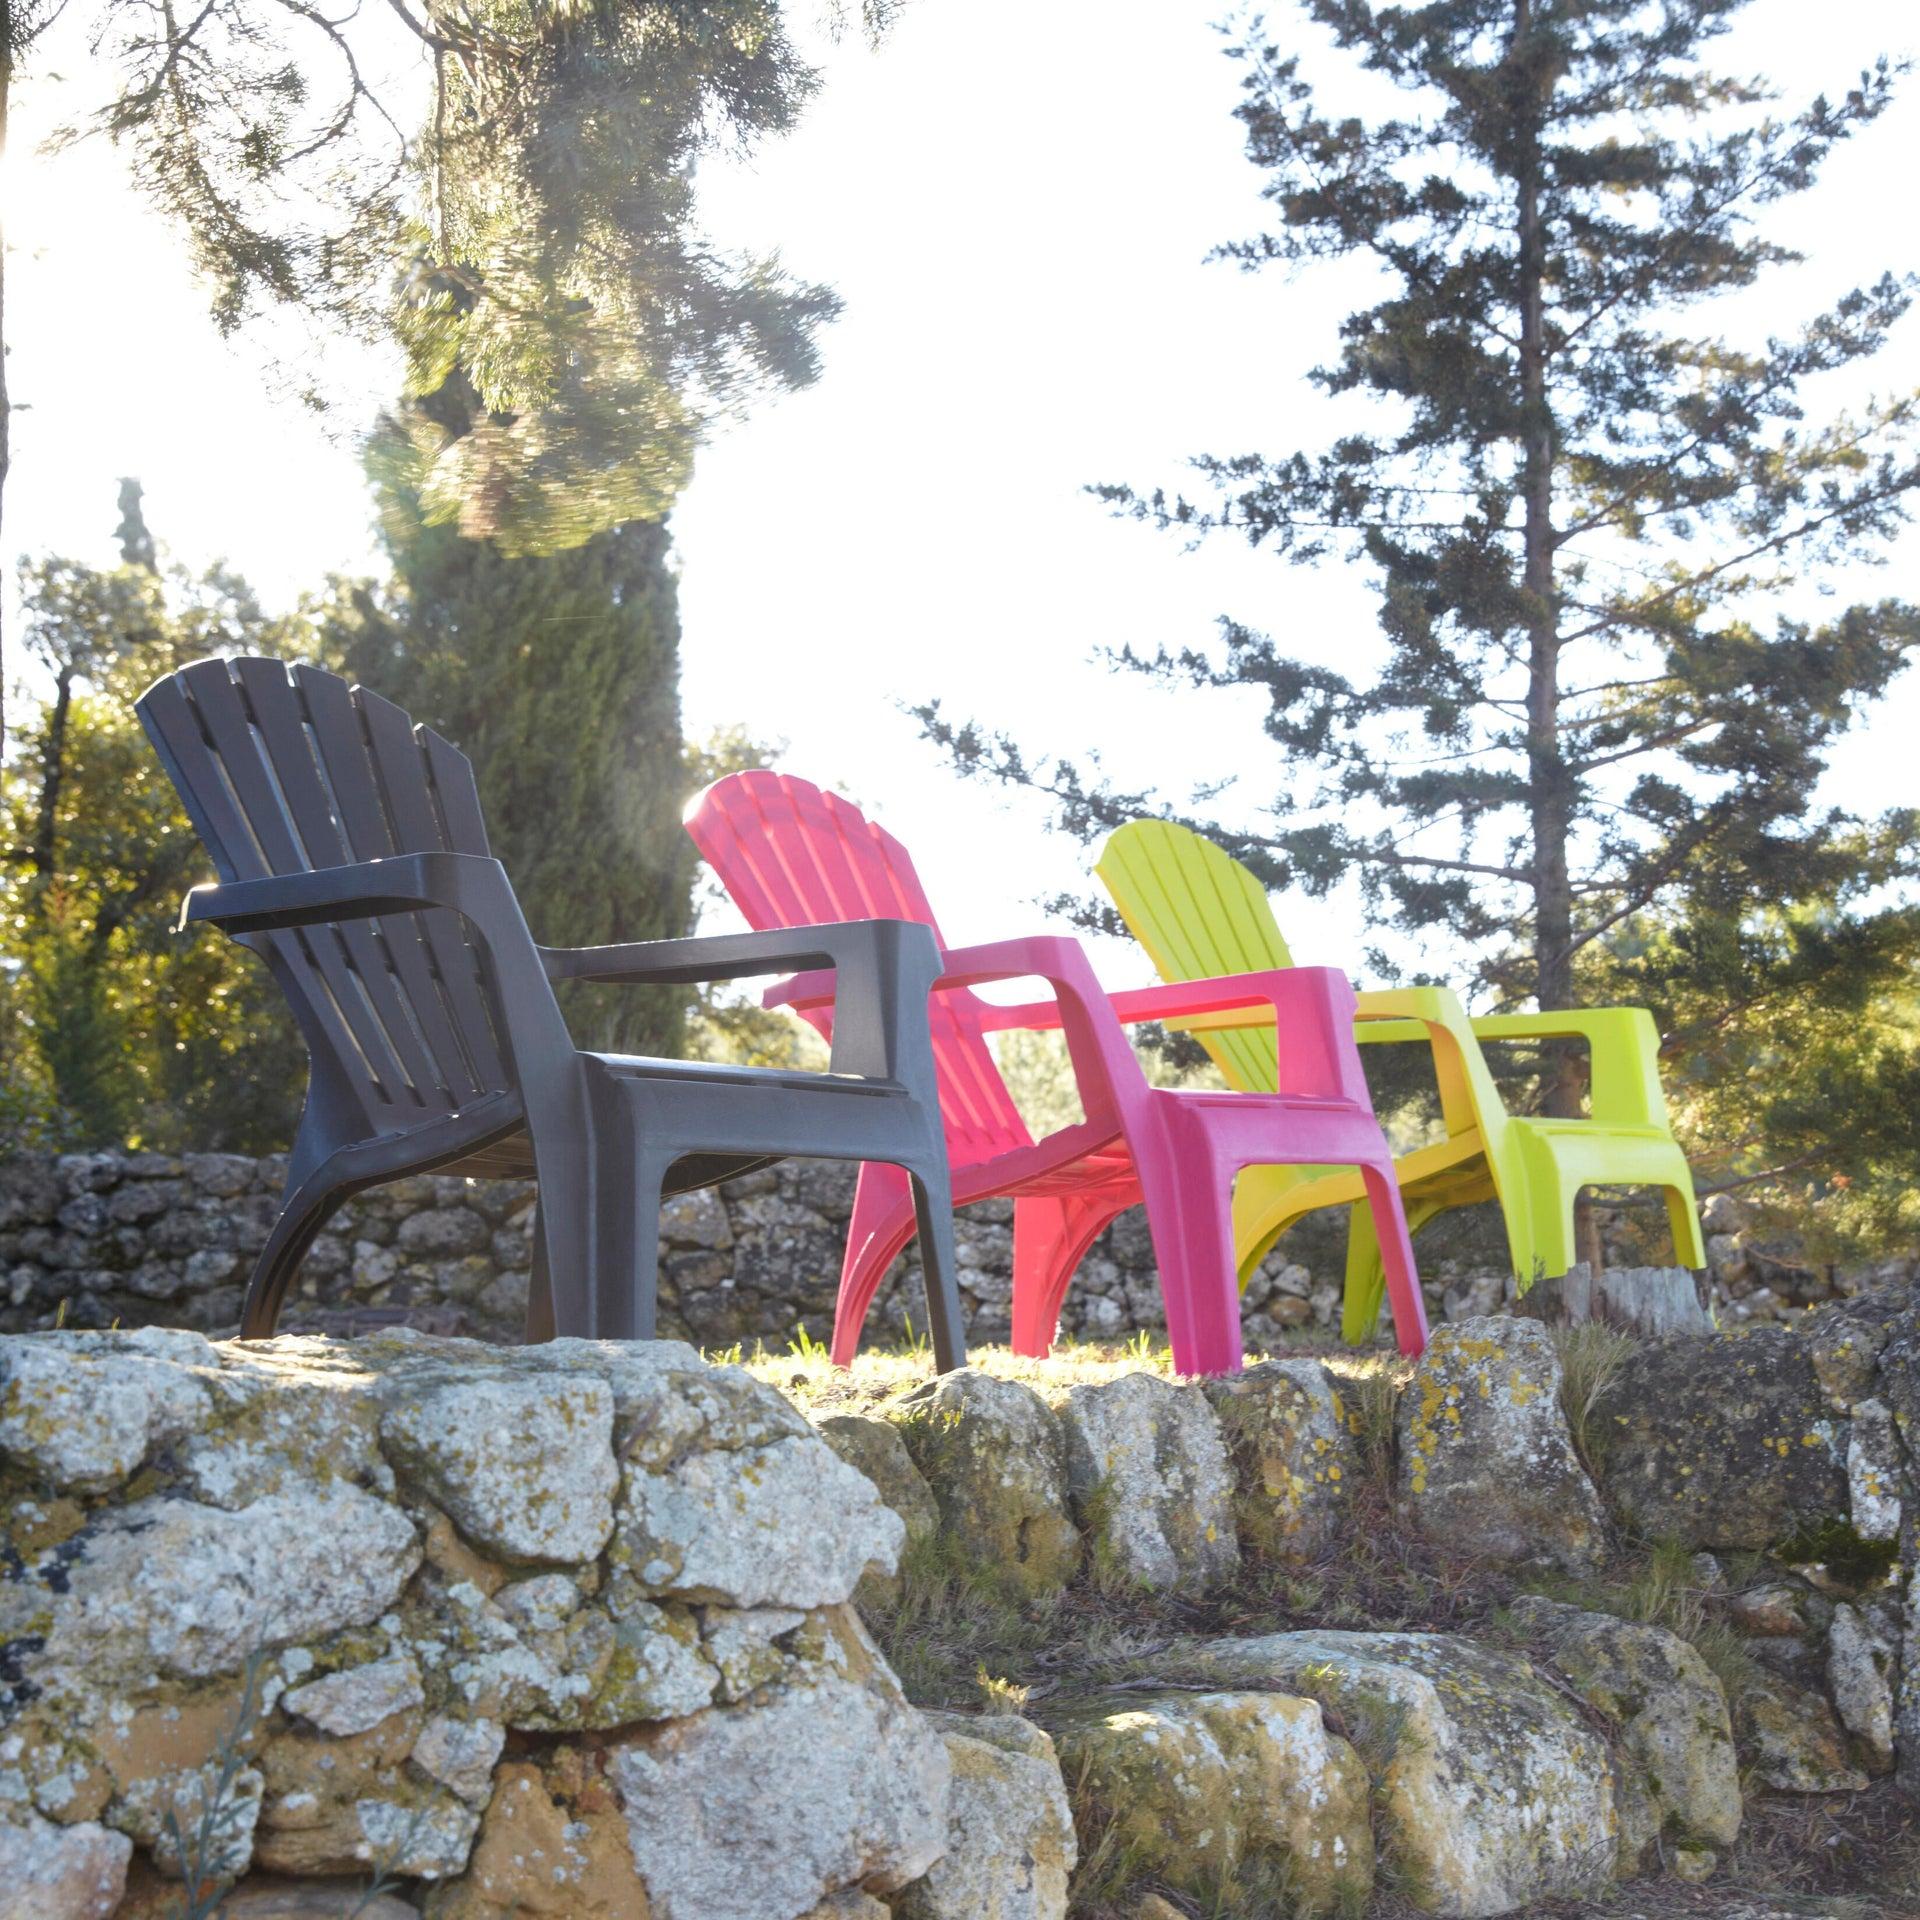 Sedia con braccioli senza cuscino in resina iniettata Dolomiti TELEHIT GARDEN colore antracite - 2